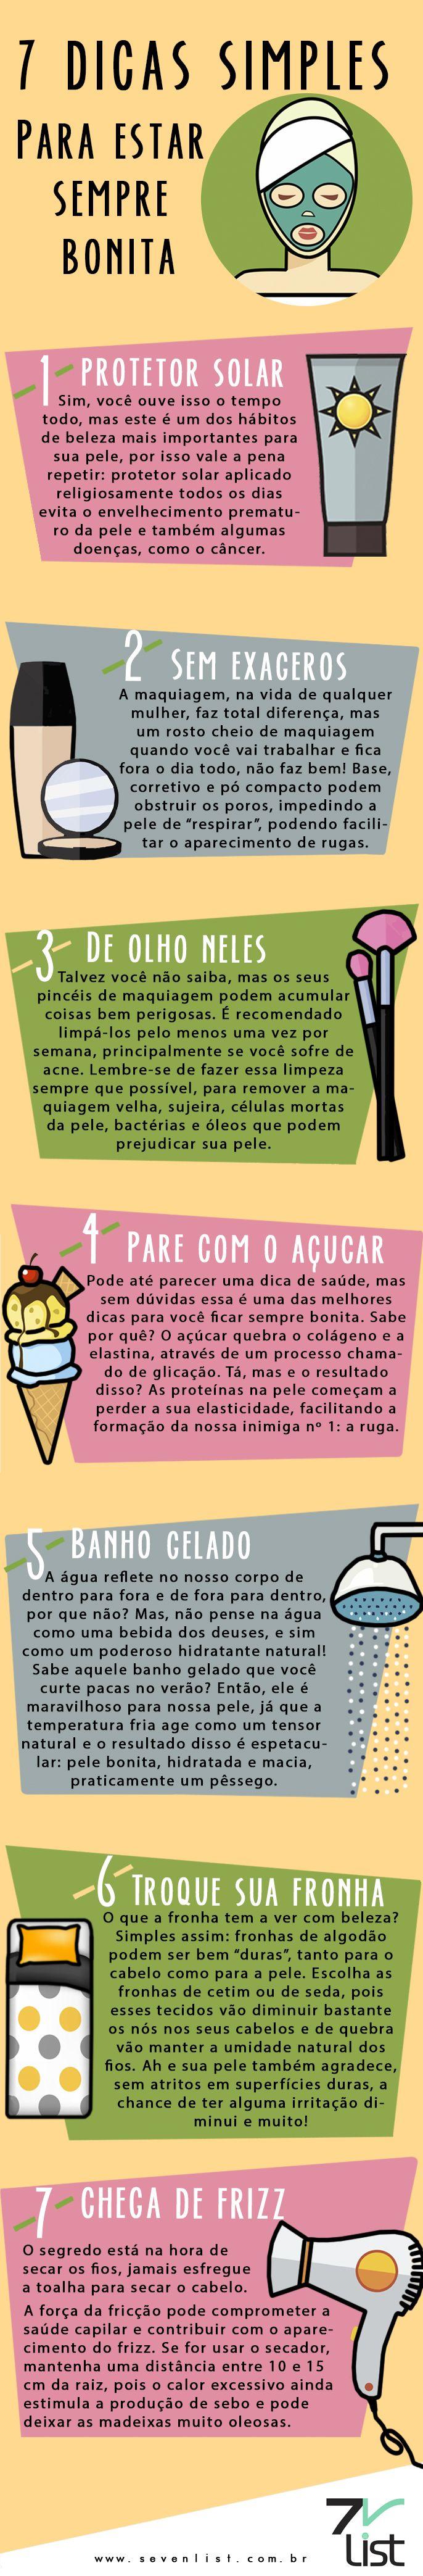 bd2fc0cb4 www.sevenlist.com.br Acordar cedo todos dias e ainda estar sempre bonita   Tarefa difícil